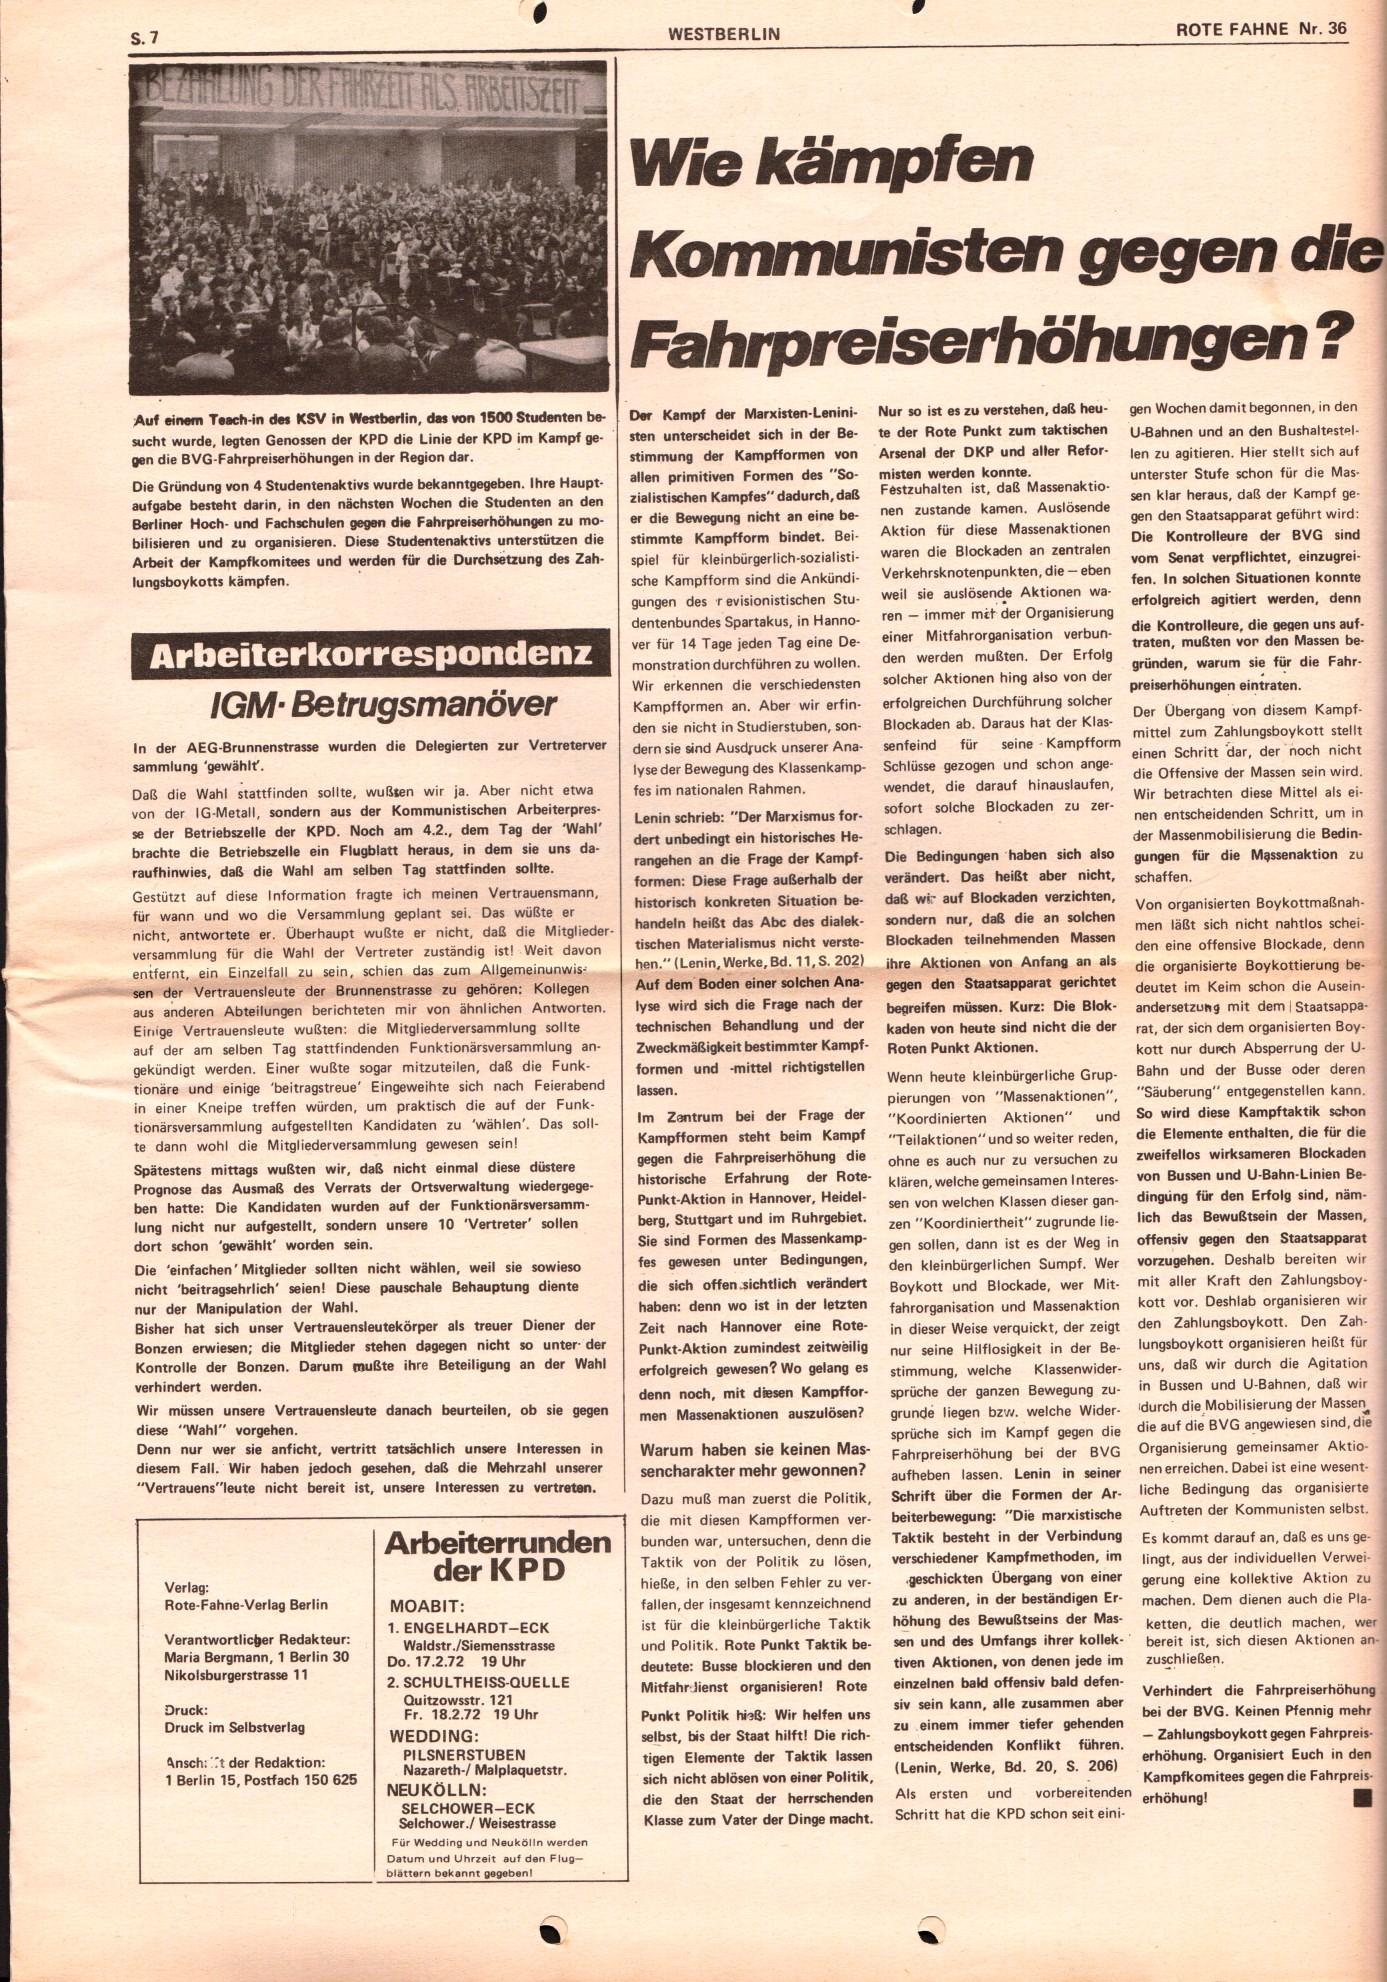 KPD_Rote_Fahne_1972_36_07